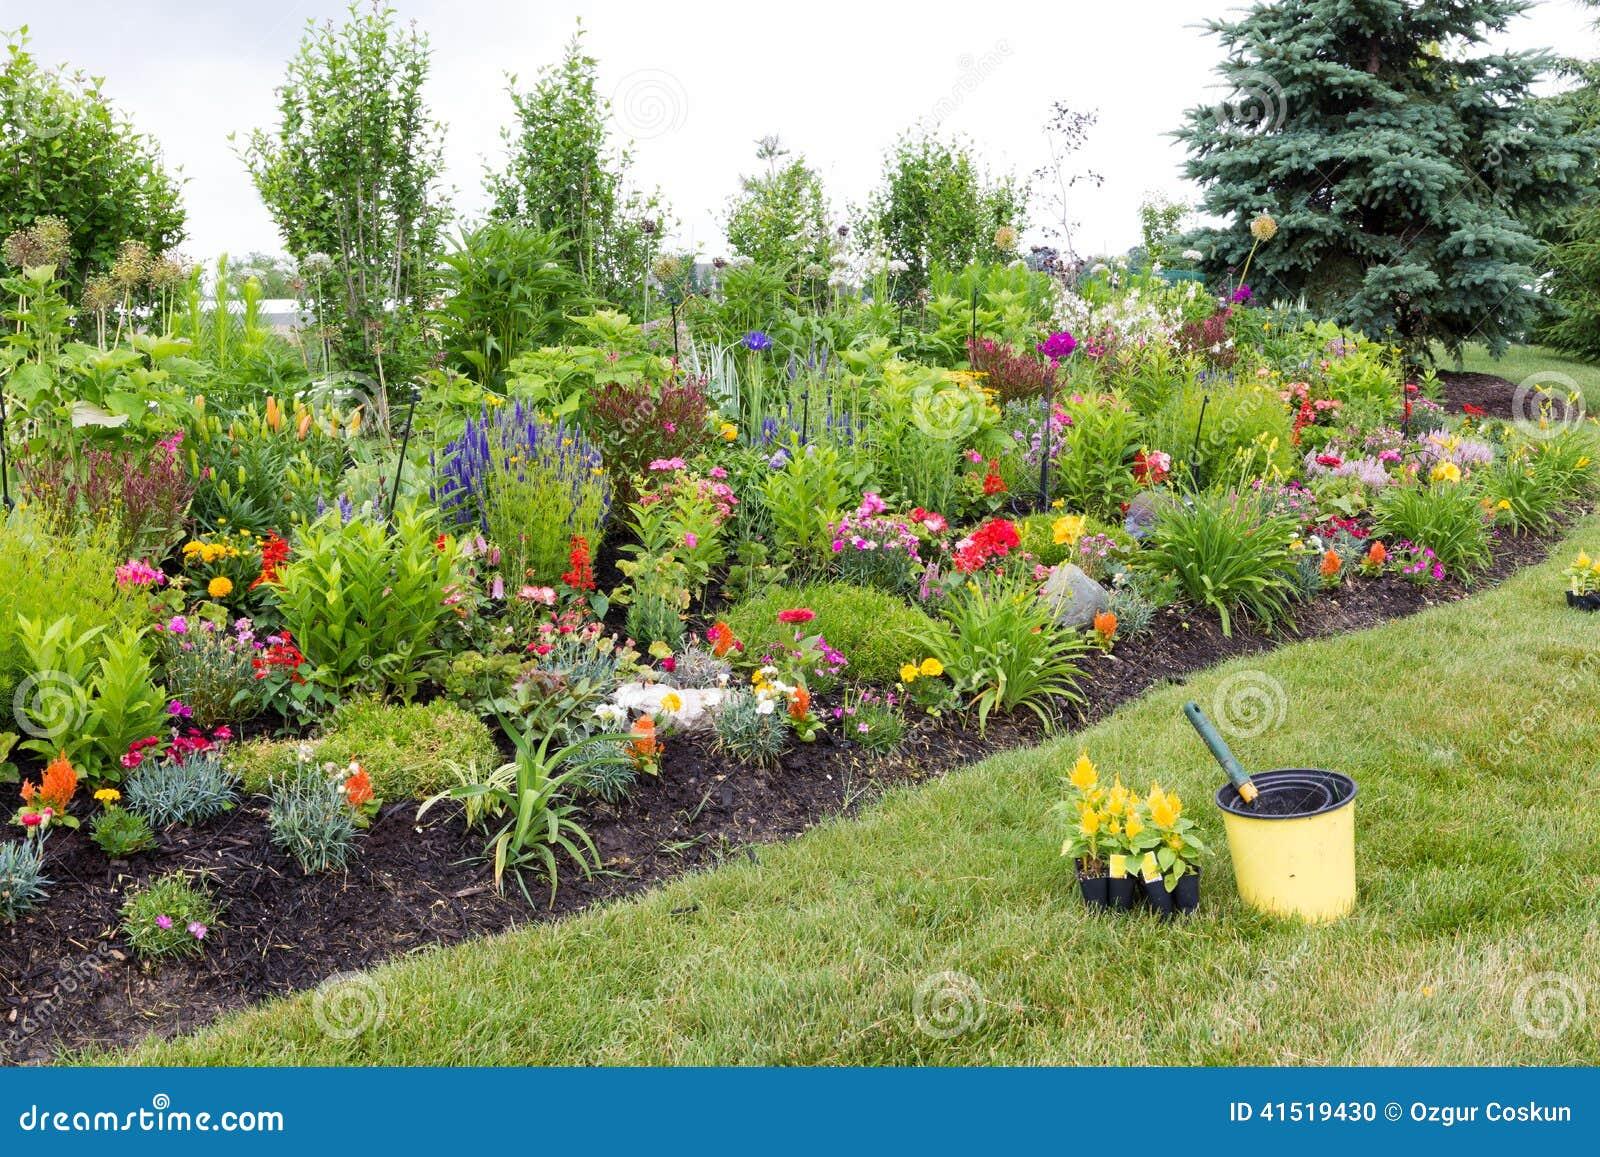 Plantant les jeunes plantes jaunes de celosia dans un jardin aménagé en parc formel coloré avec un parterre vert luxuriant plein des plantes ornementales